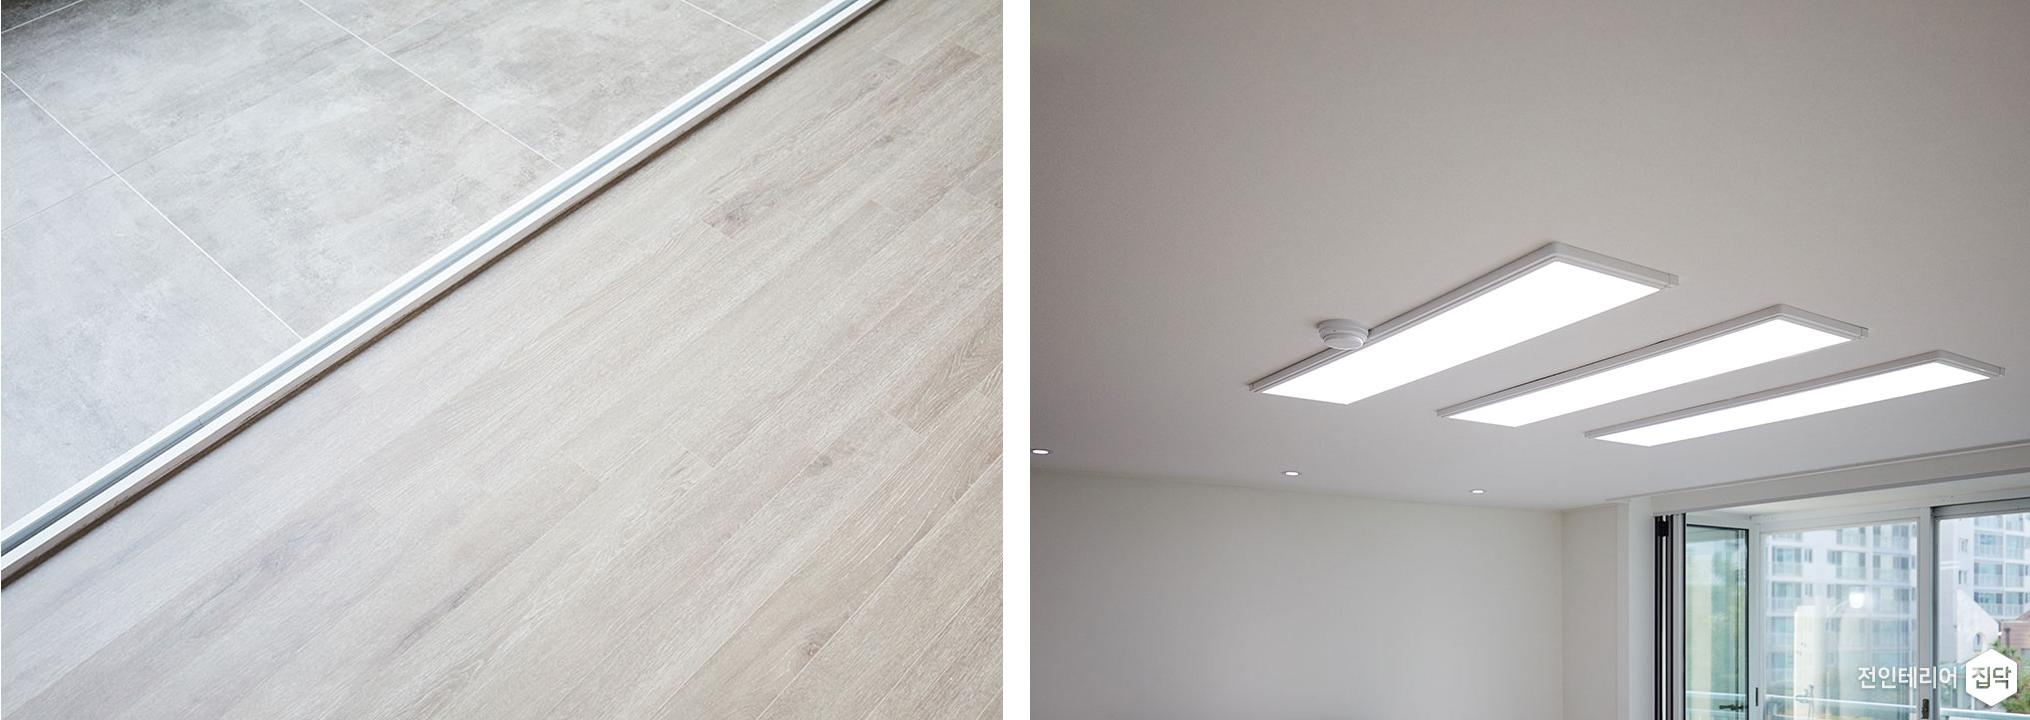 거실,구정마루,아이보리,발코니타일,LED조명